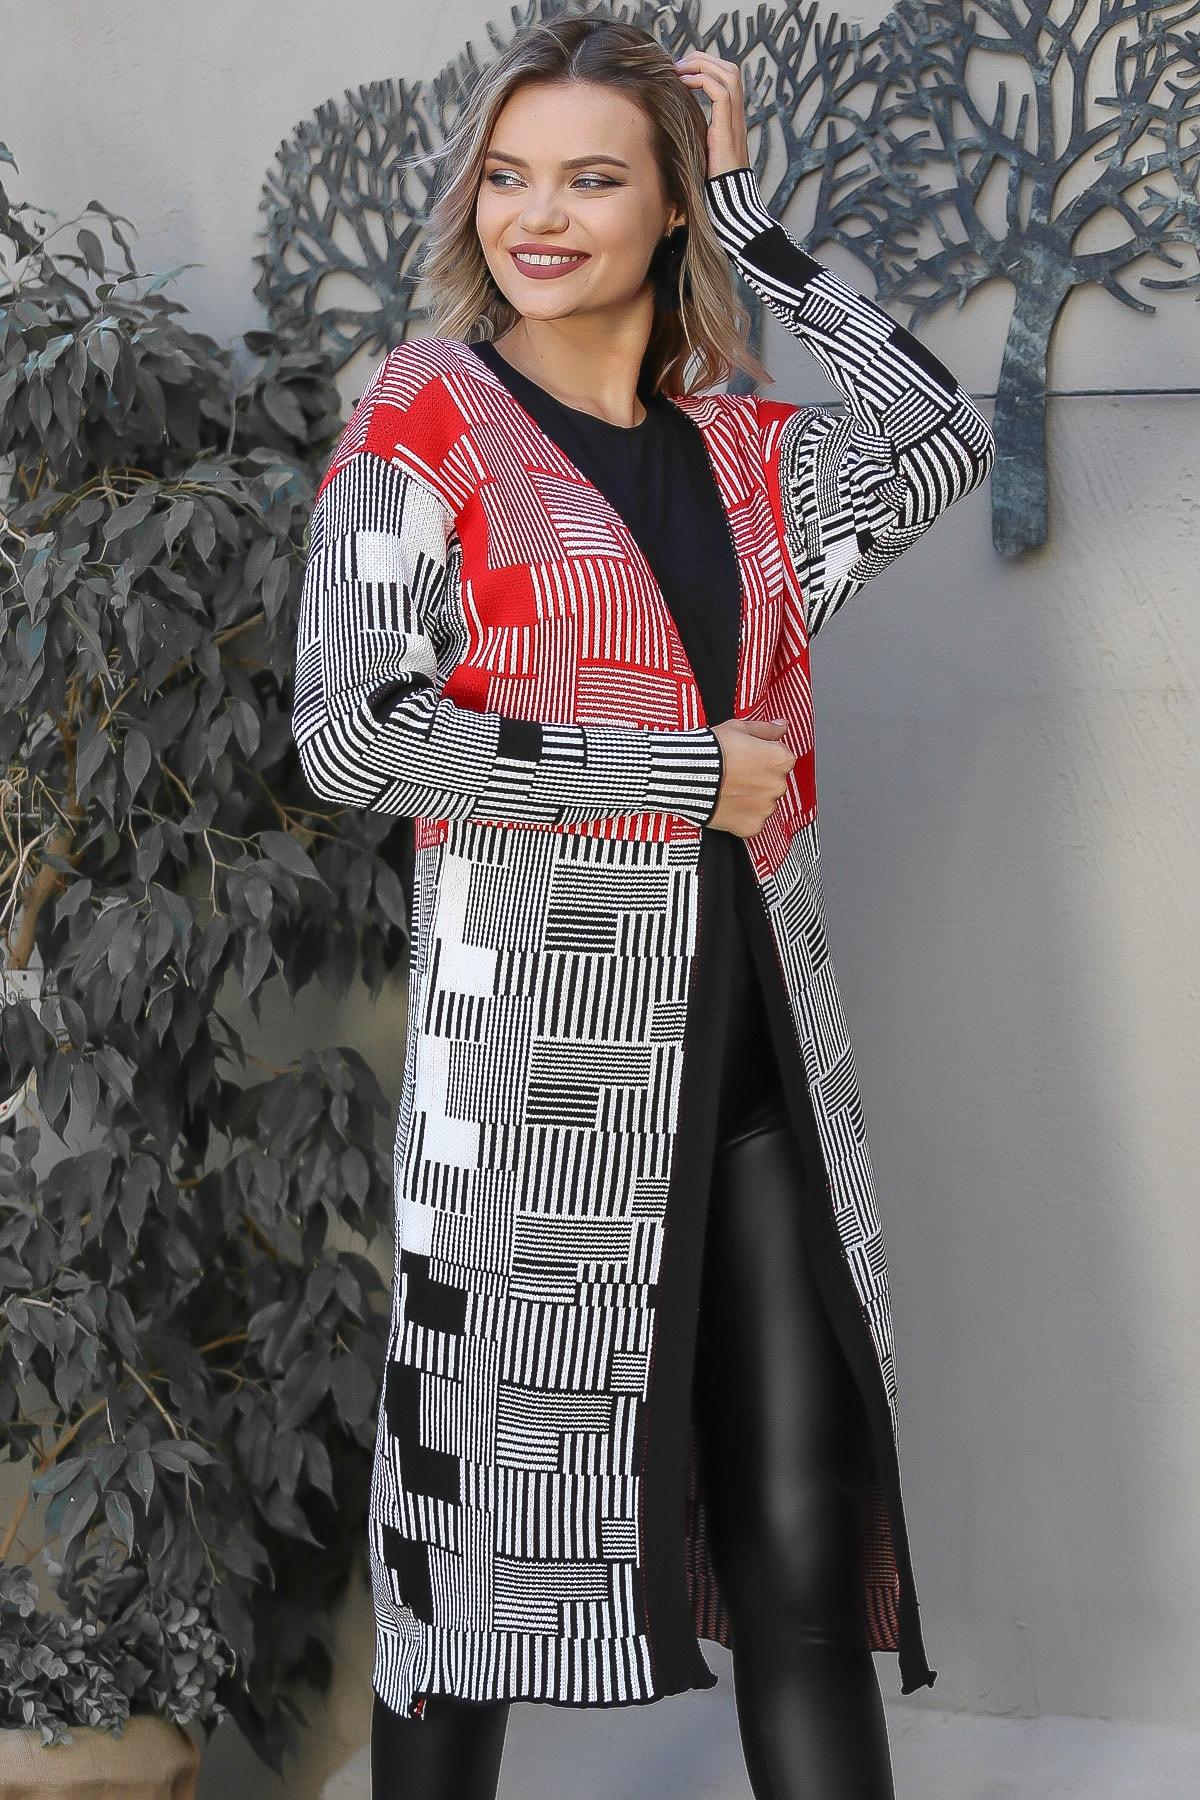 Chiccy Kadın Siyah-Beyaz Geometrik Desenli Salaş Uzun Triko Hırka M10010900HR99578